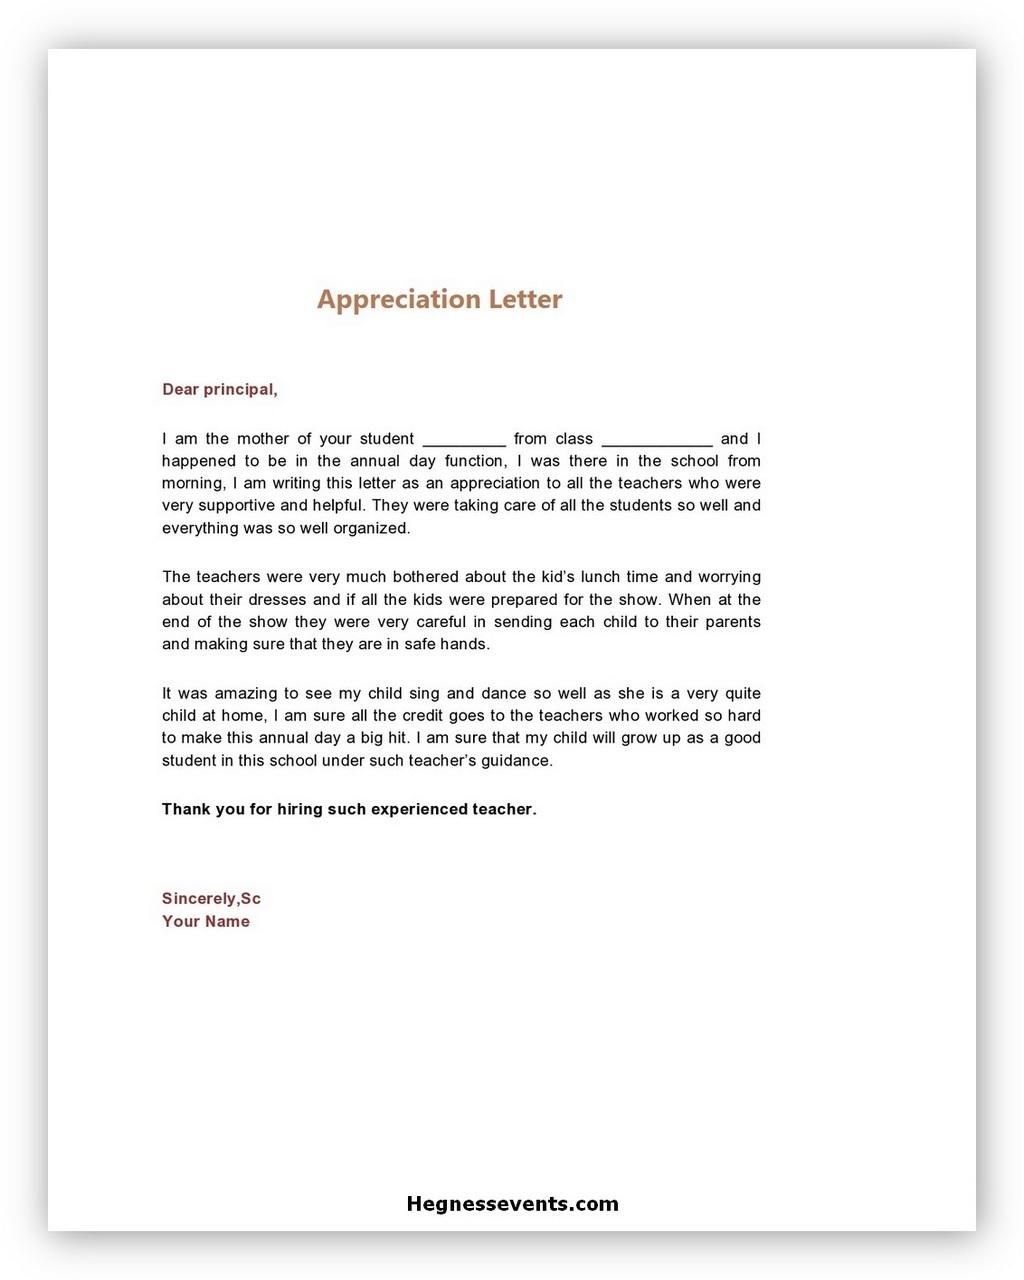 Appreciation Letter Template 01